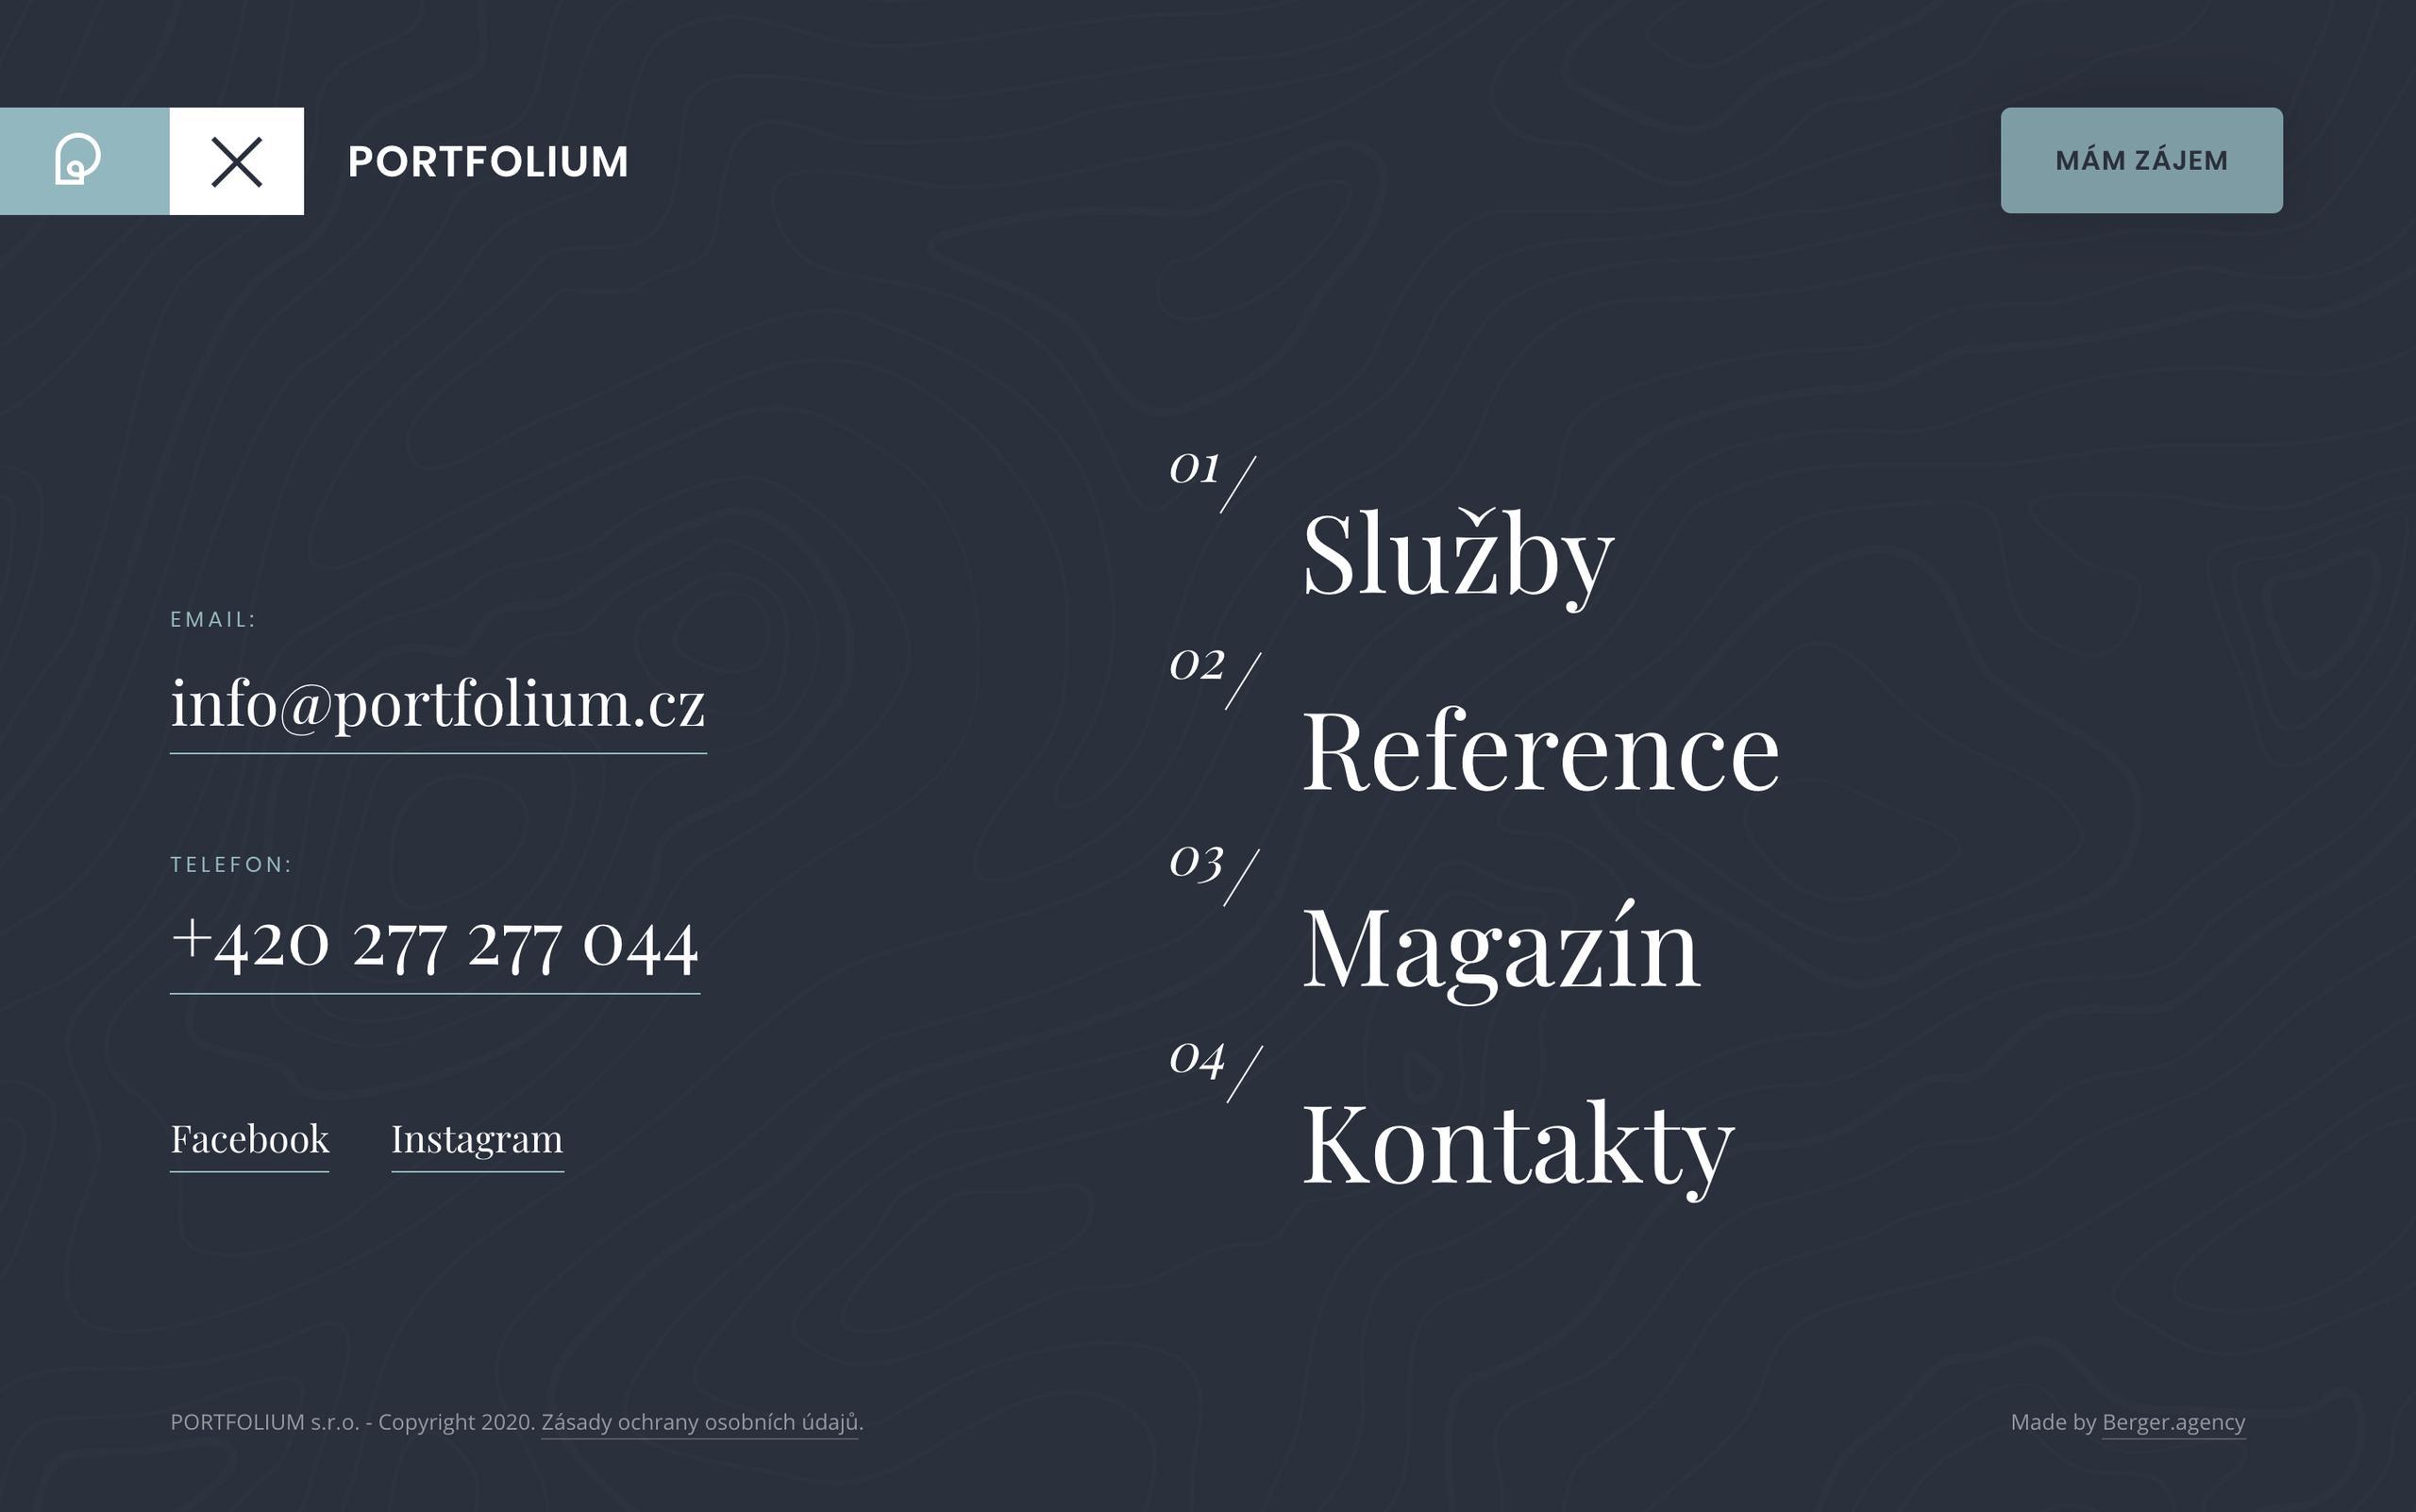 Portfolium - 1